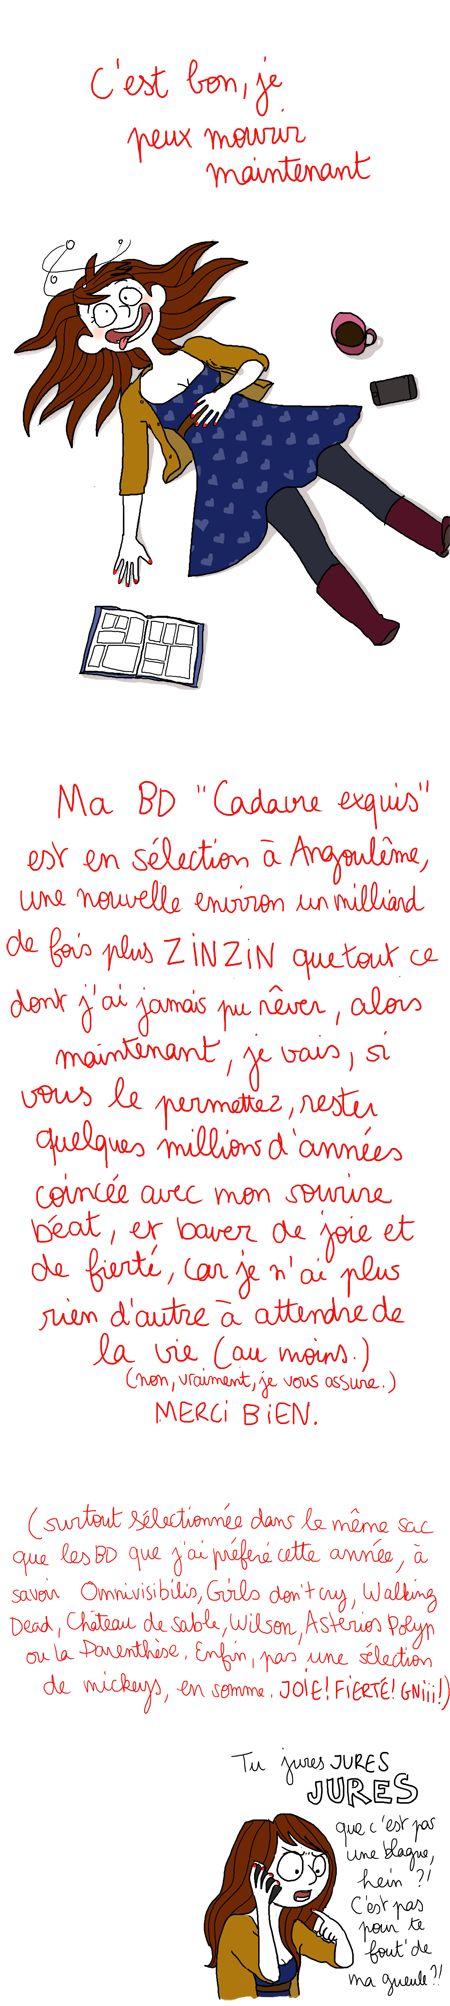 Angoulême: La minute nécessaire de Madame Jemlapète.